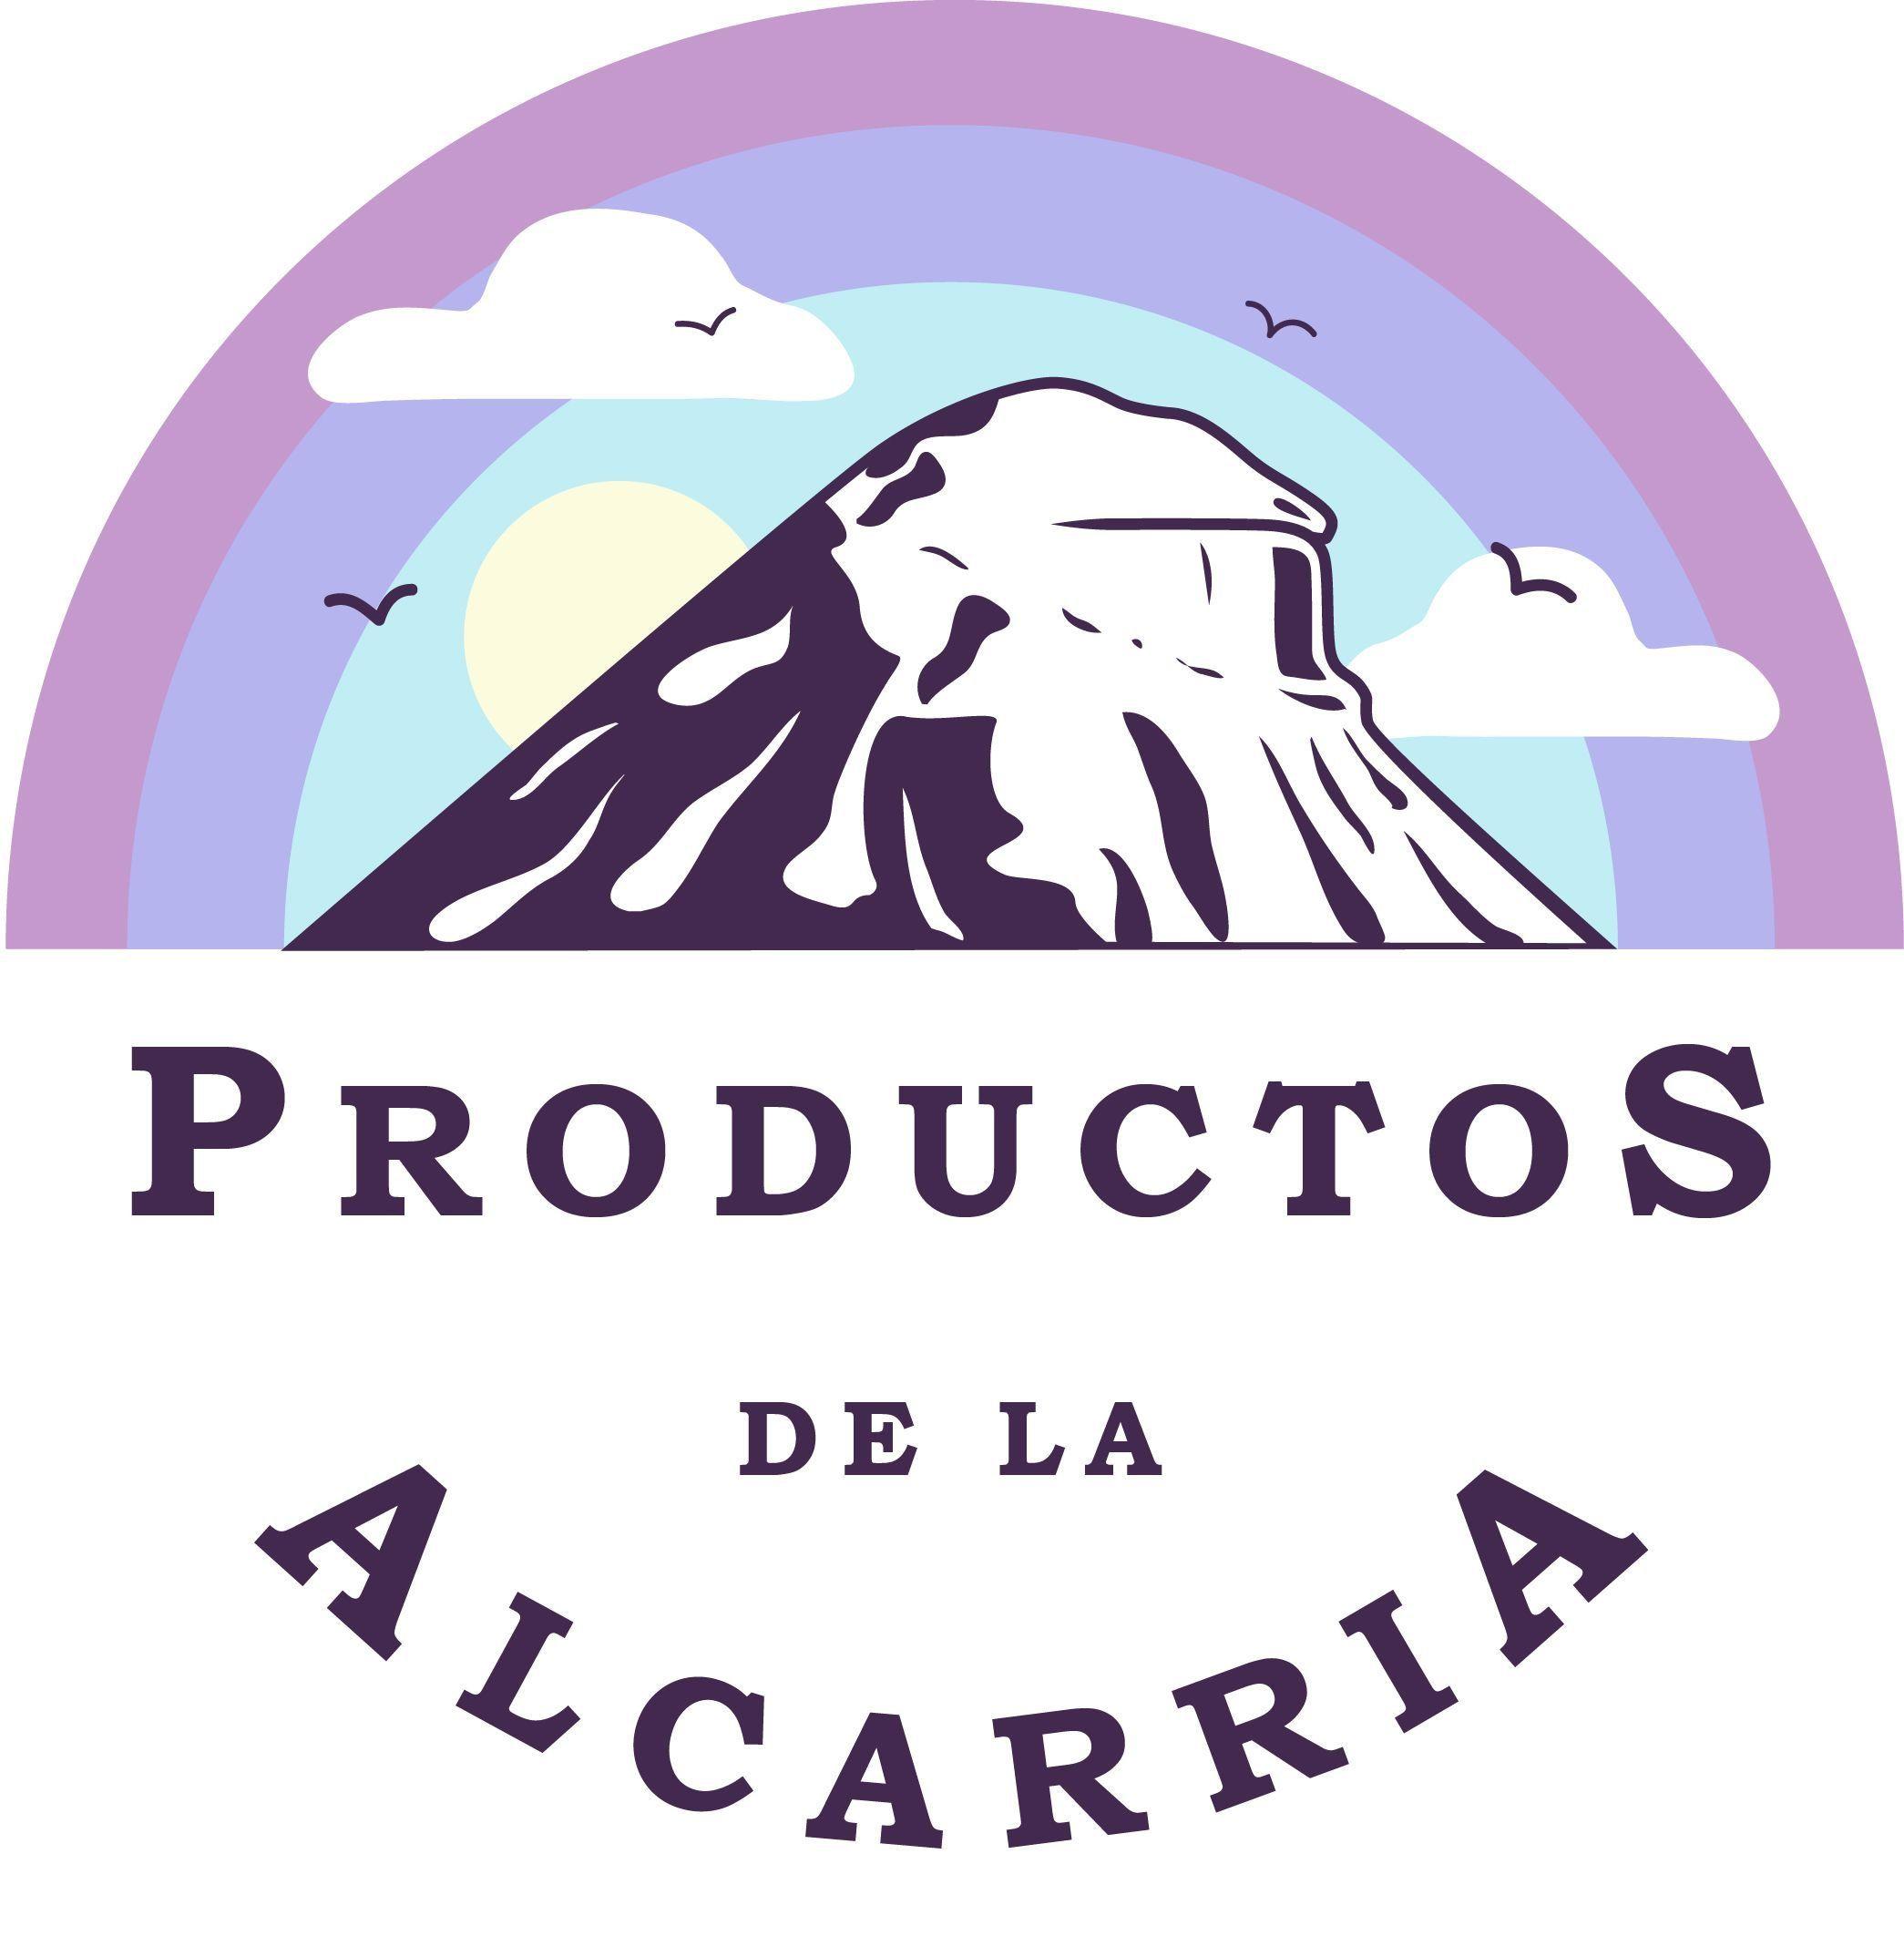 Productos de la Alcarria